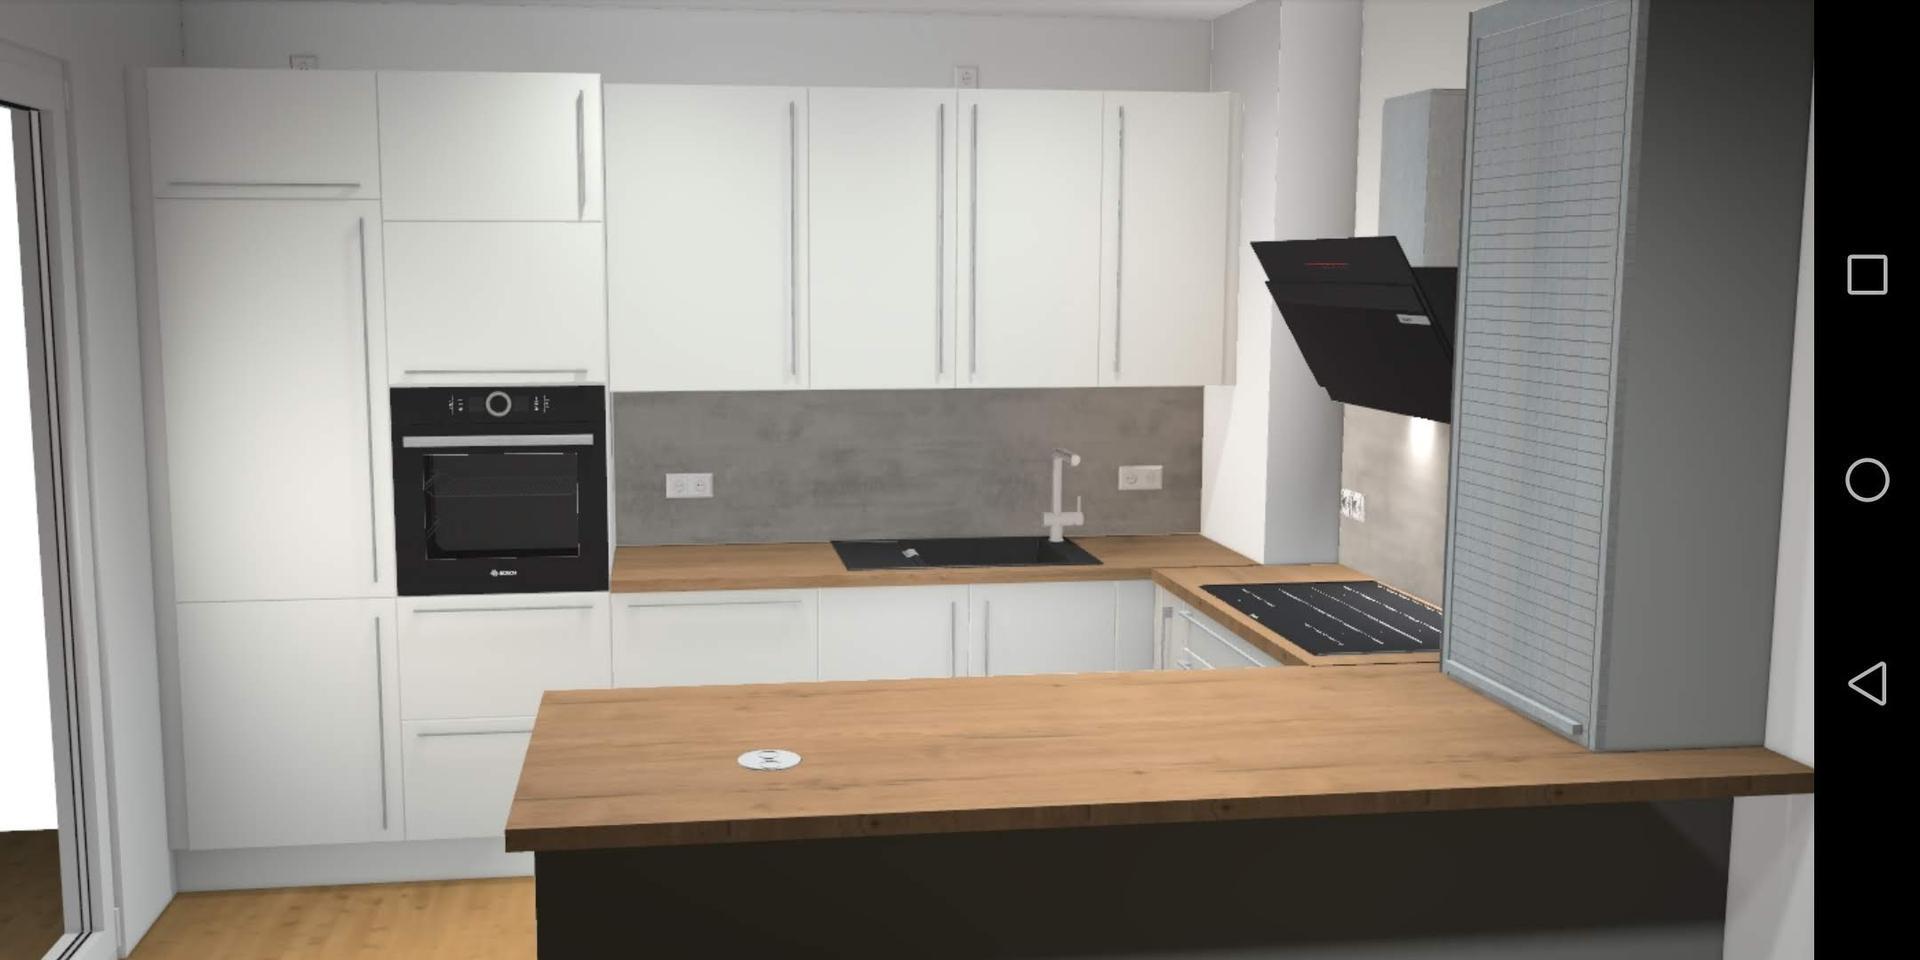 Náš nový byt v novostavbě - Zatím poslední návrh, v létě to ještě upravím. Ale dispozice zůstane